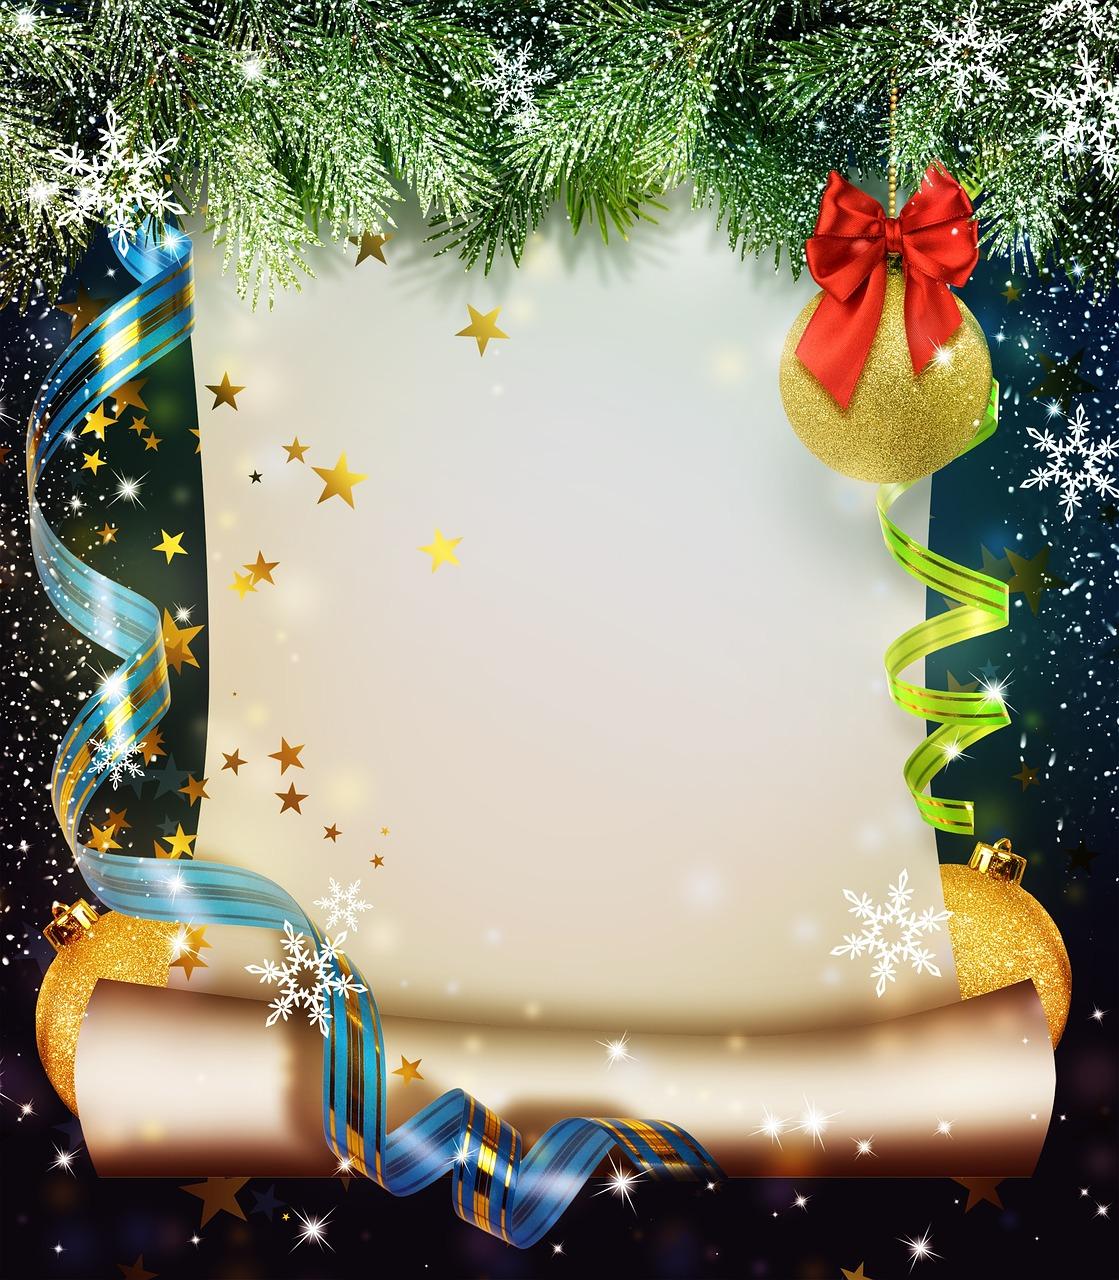 новогодние открытки картинки 4